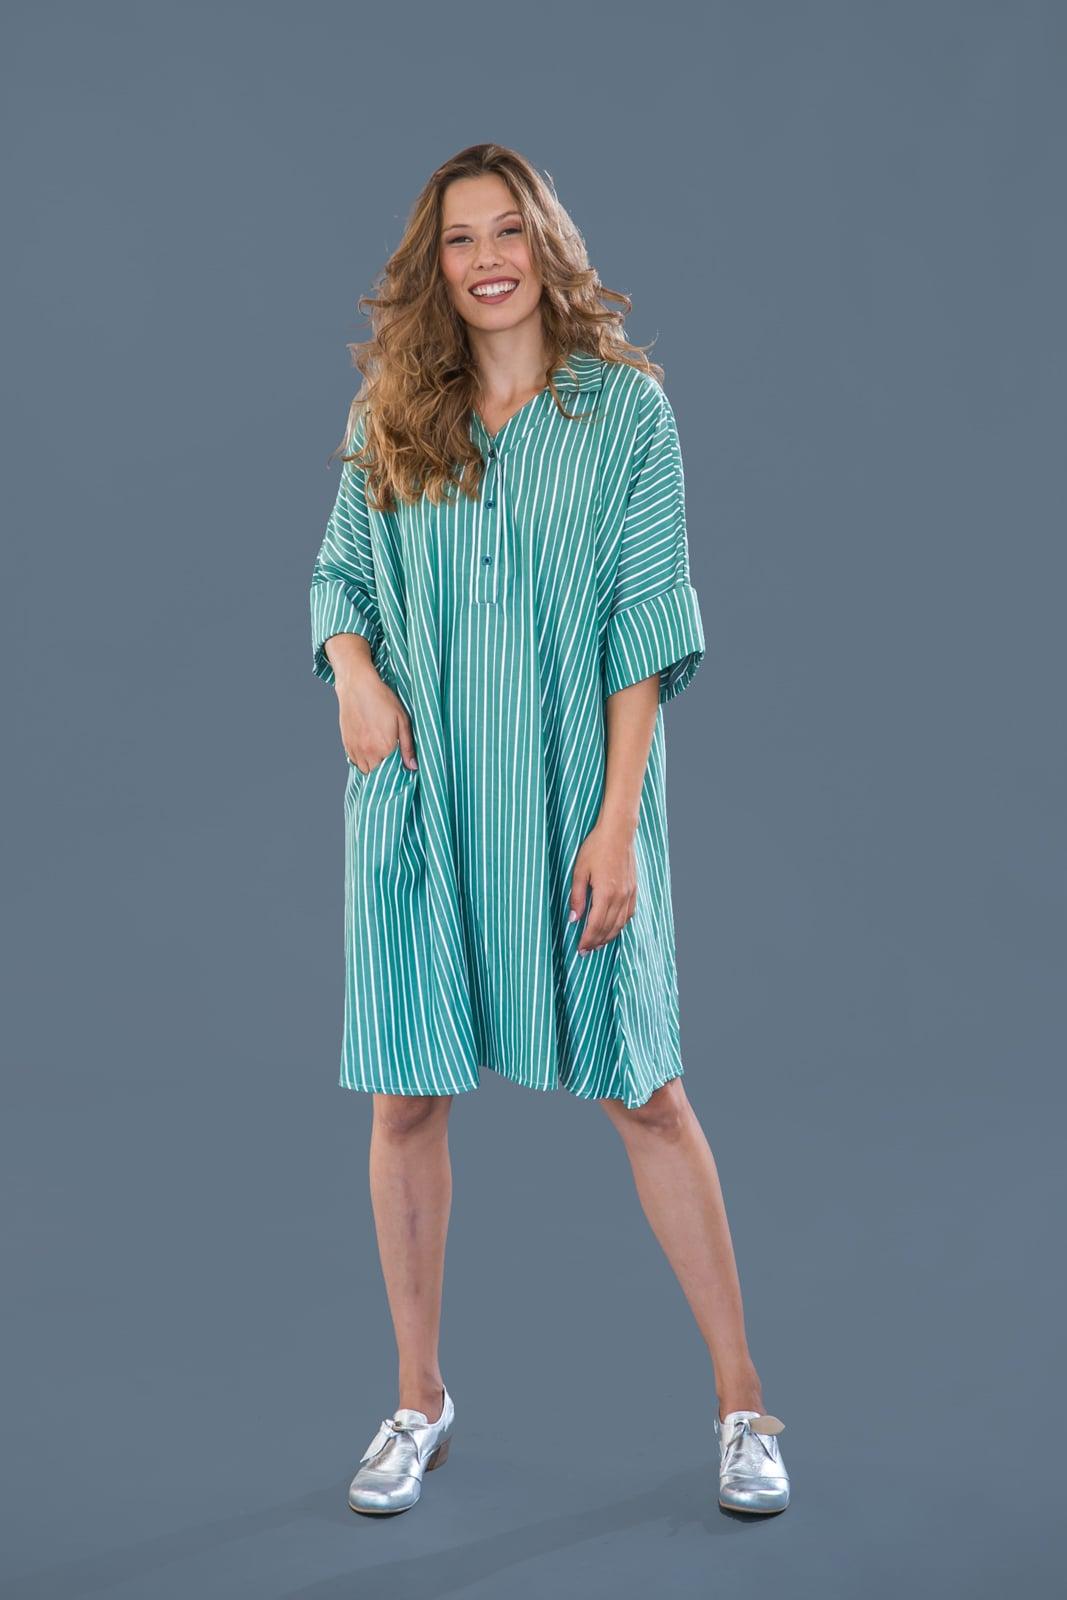 שמלת קימונו ירוקה עם פסים.